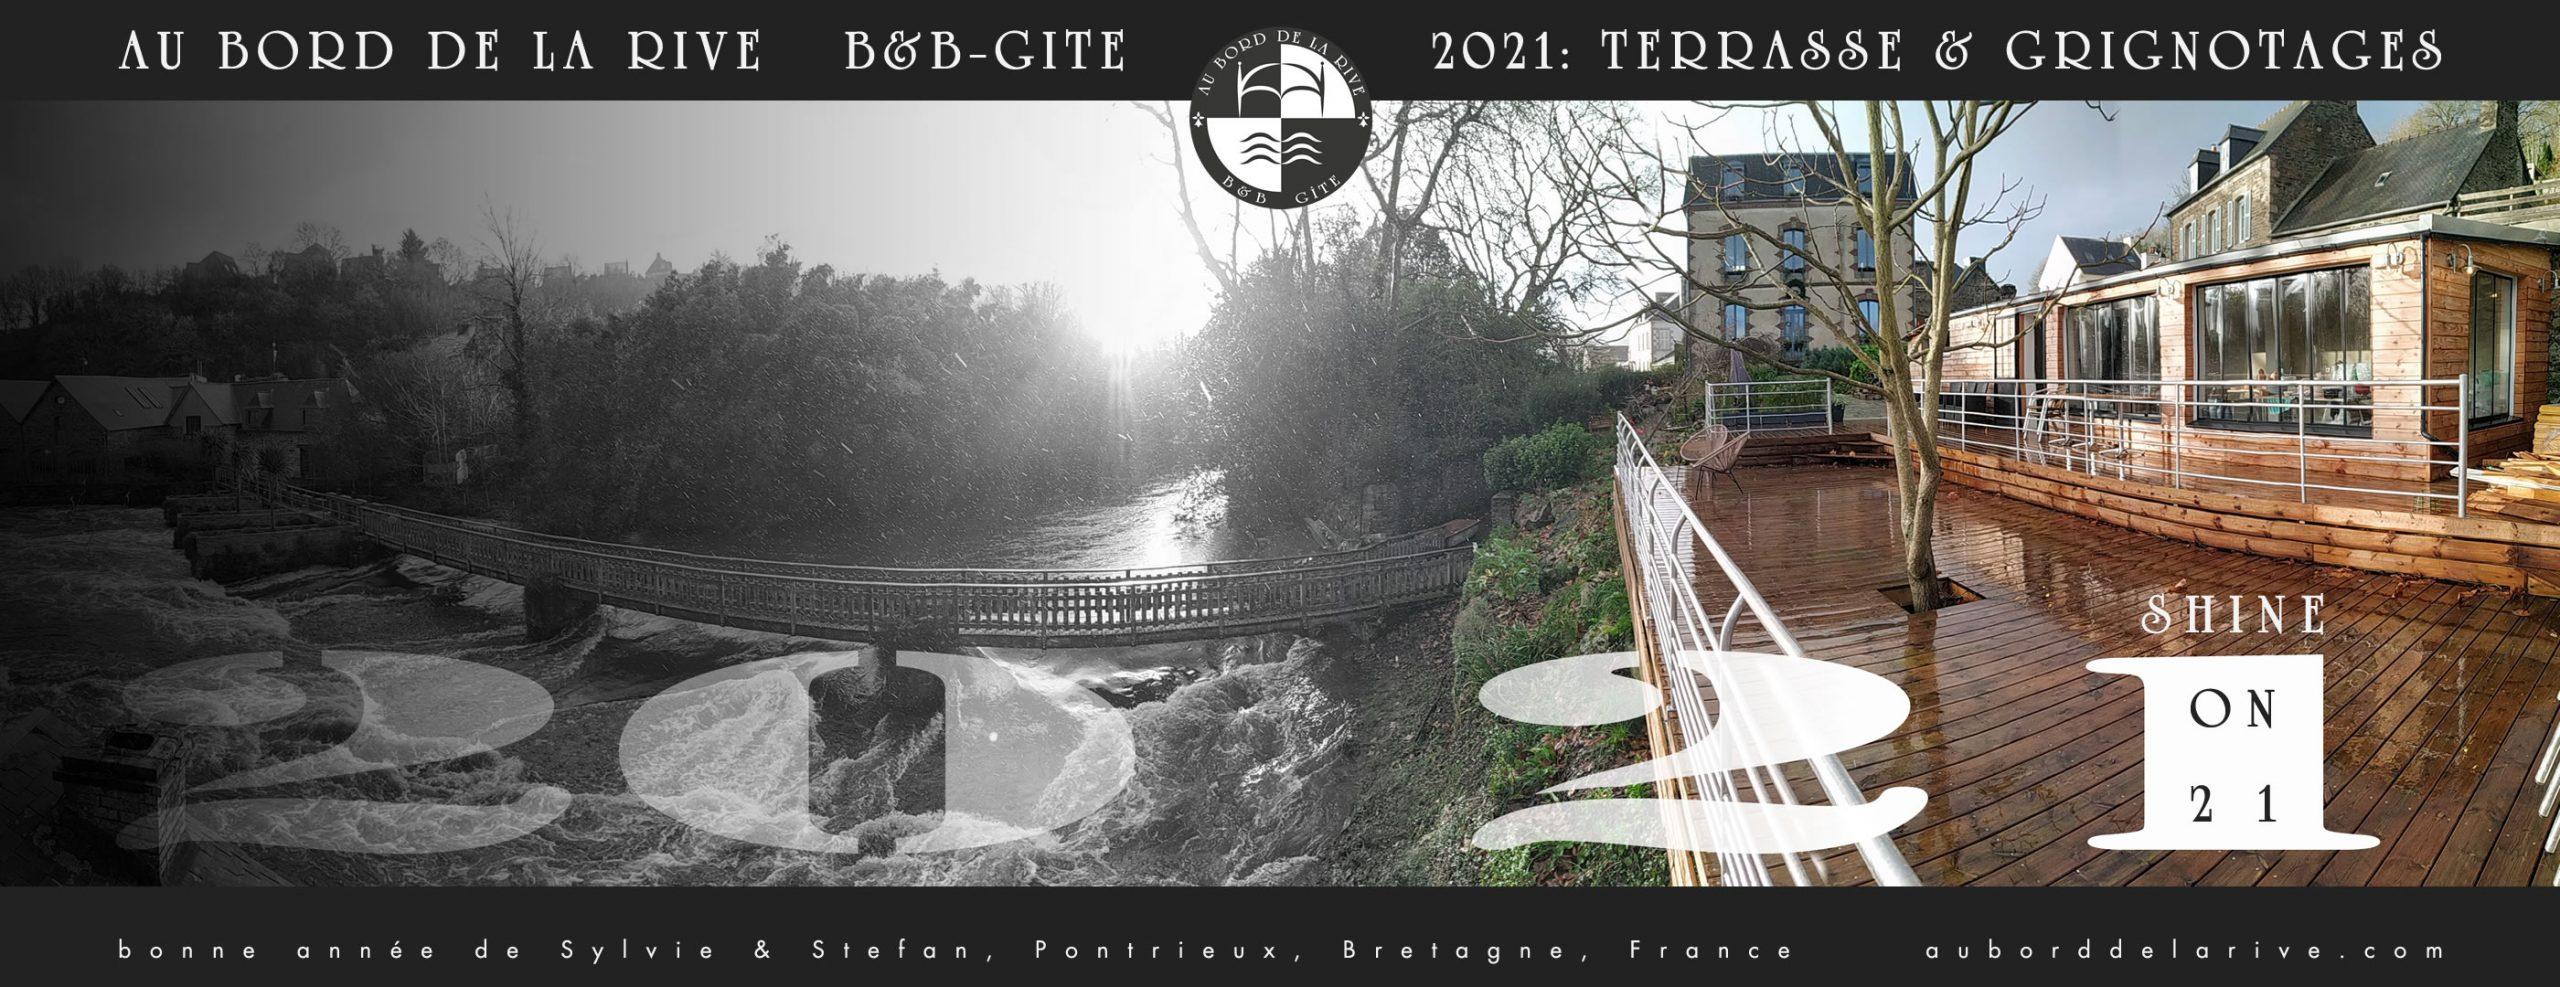 bonne année de Sylvie & Stefan, AU BORD DE LA RIVE Pontrieux, Bretagne, France auborddelarive.com